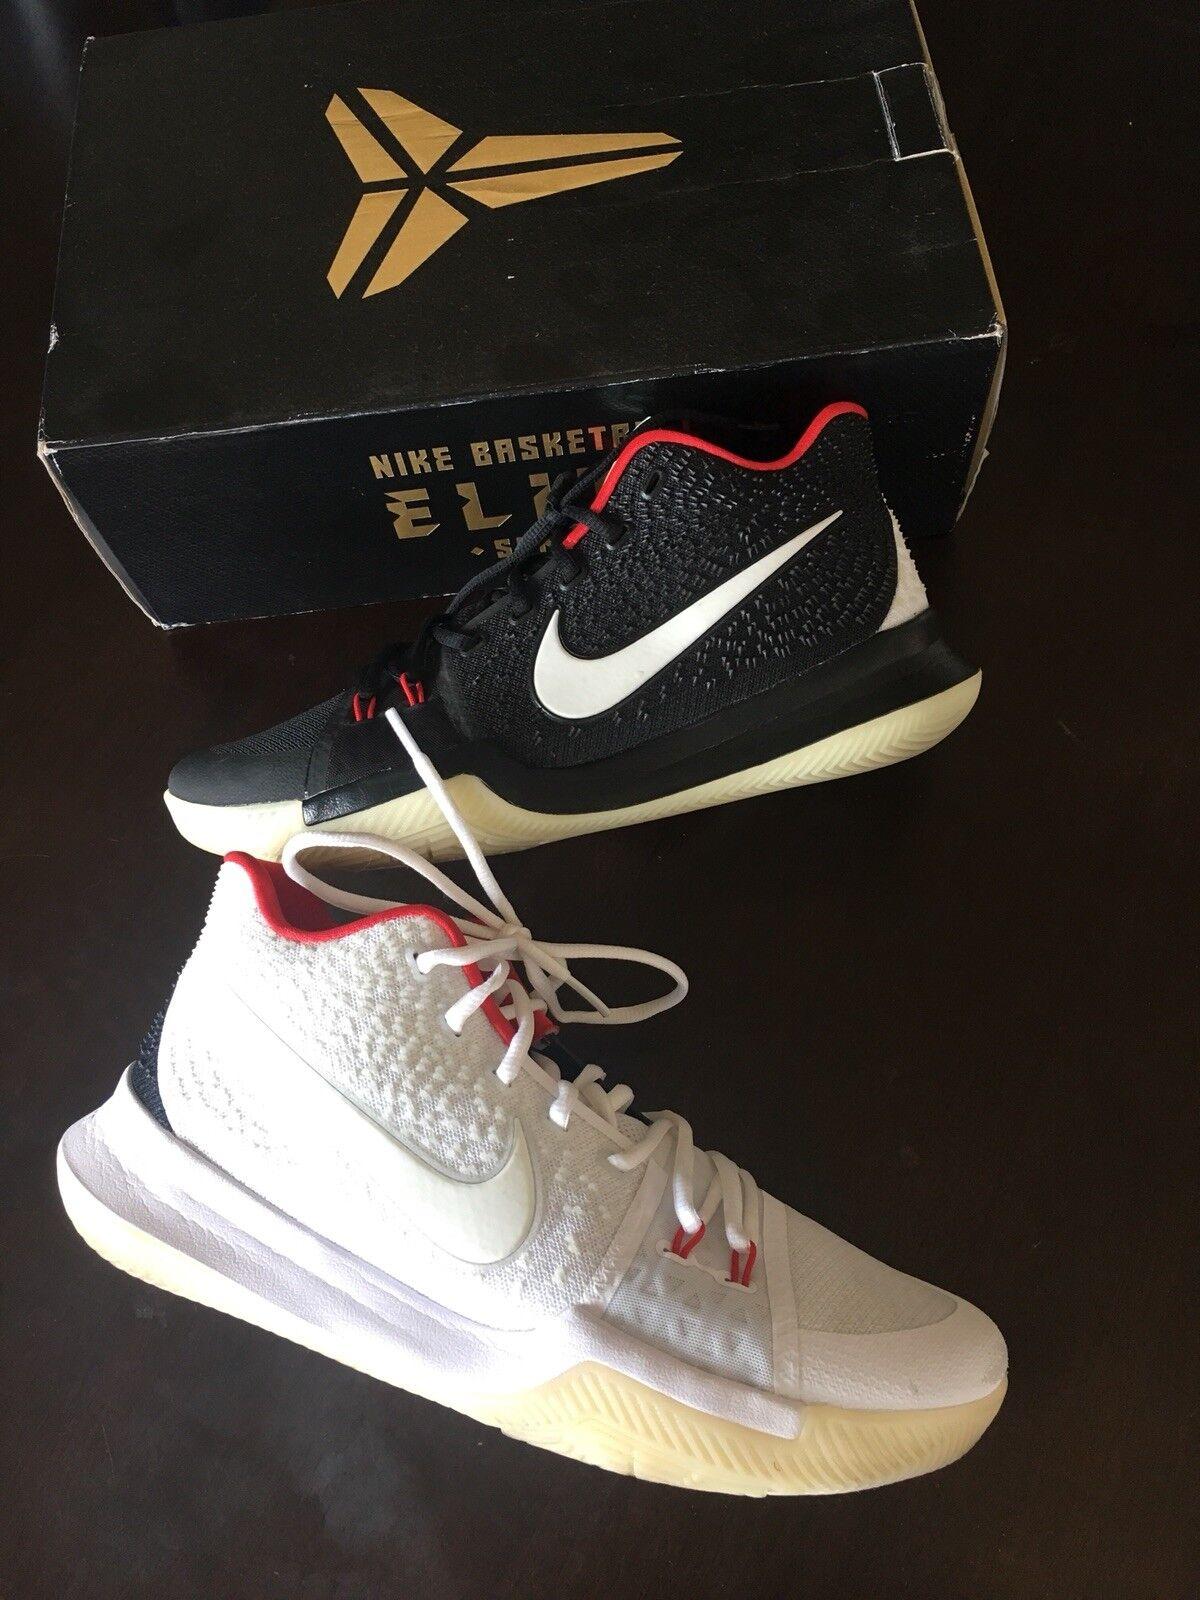 Nike Kyrie 3 Premium Id Asia Tour Uncle Drew